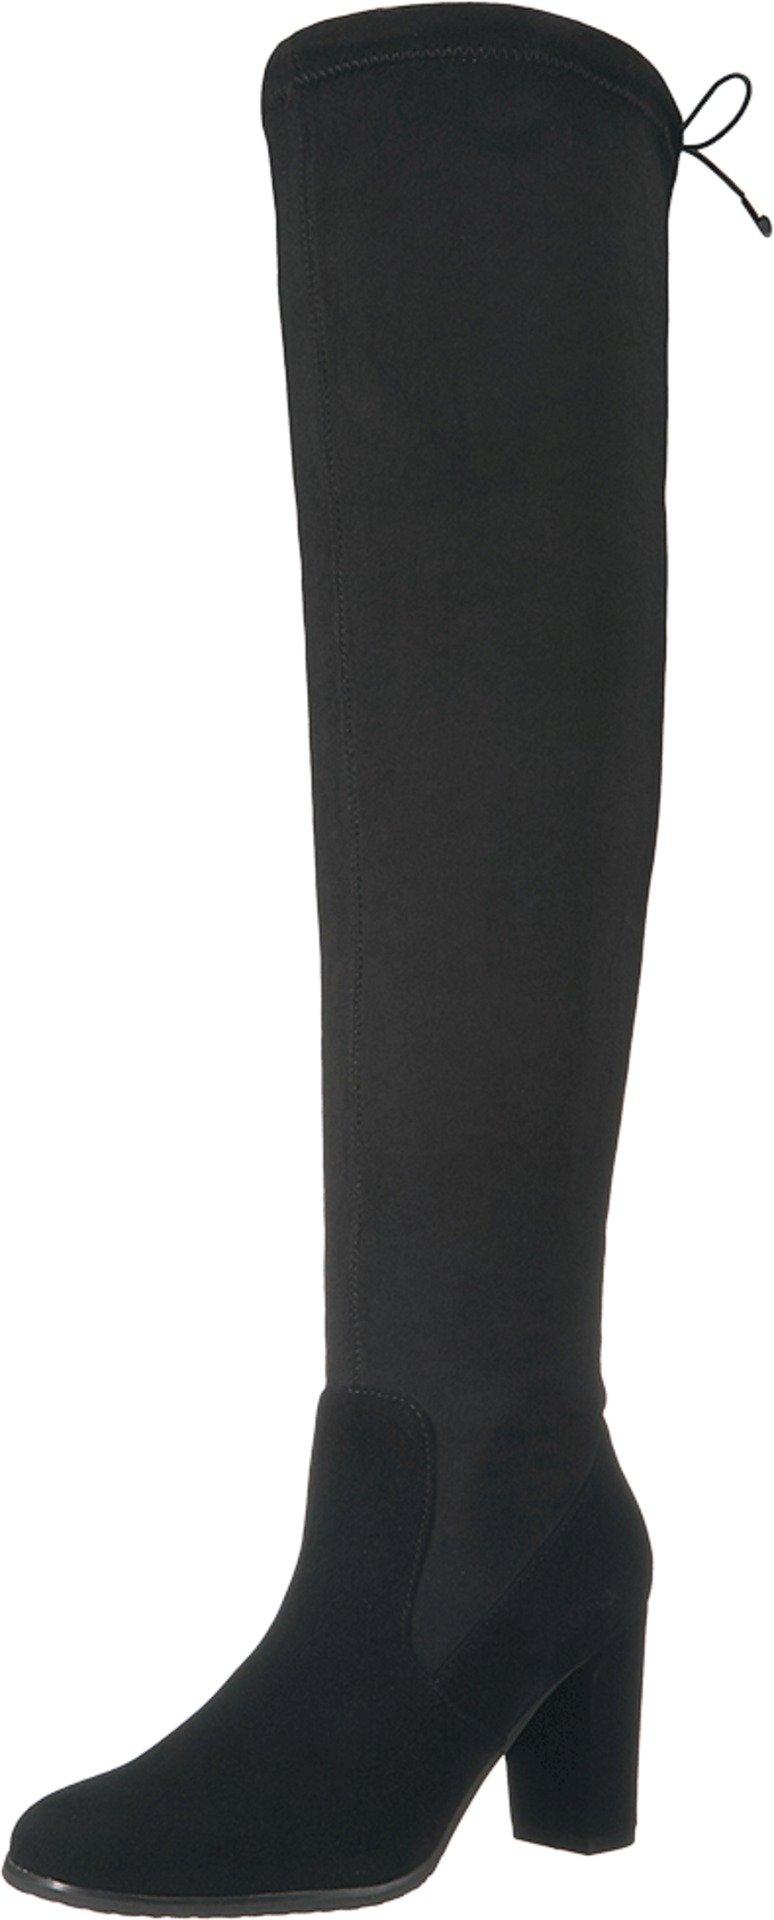 Blondo Women's Kali Waterproof Winter Boot, Black Suede, 9.5 M US